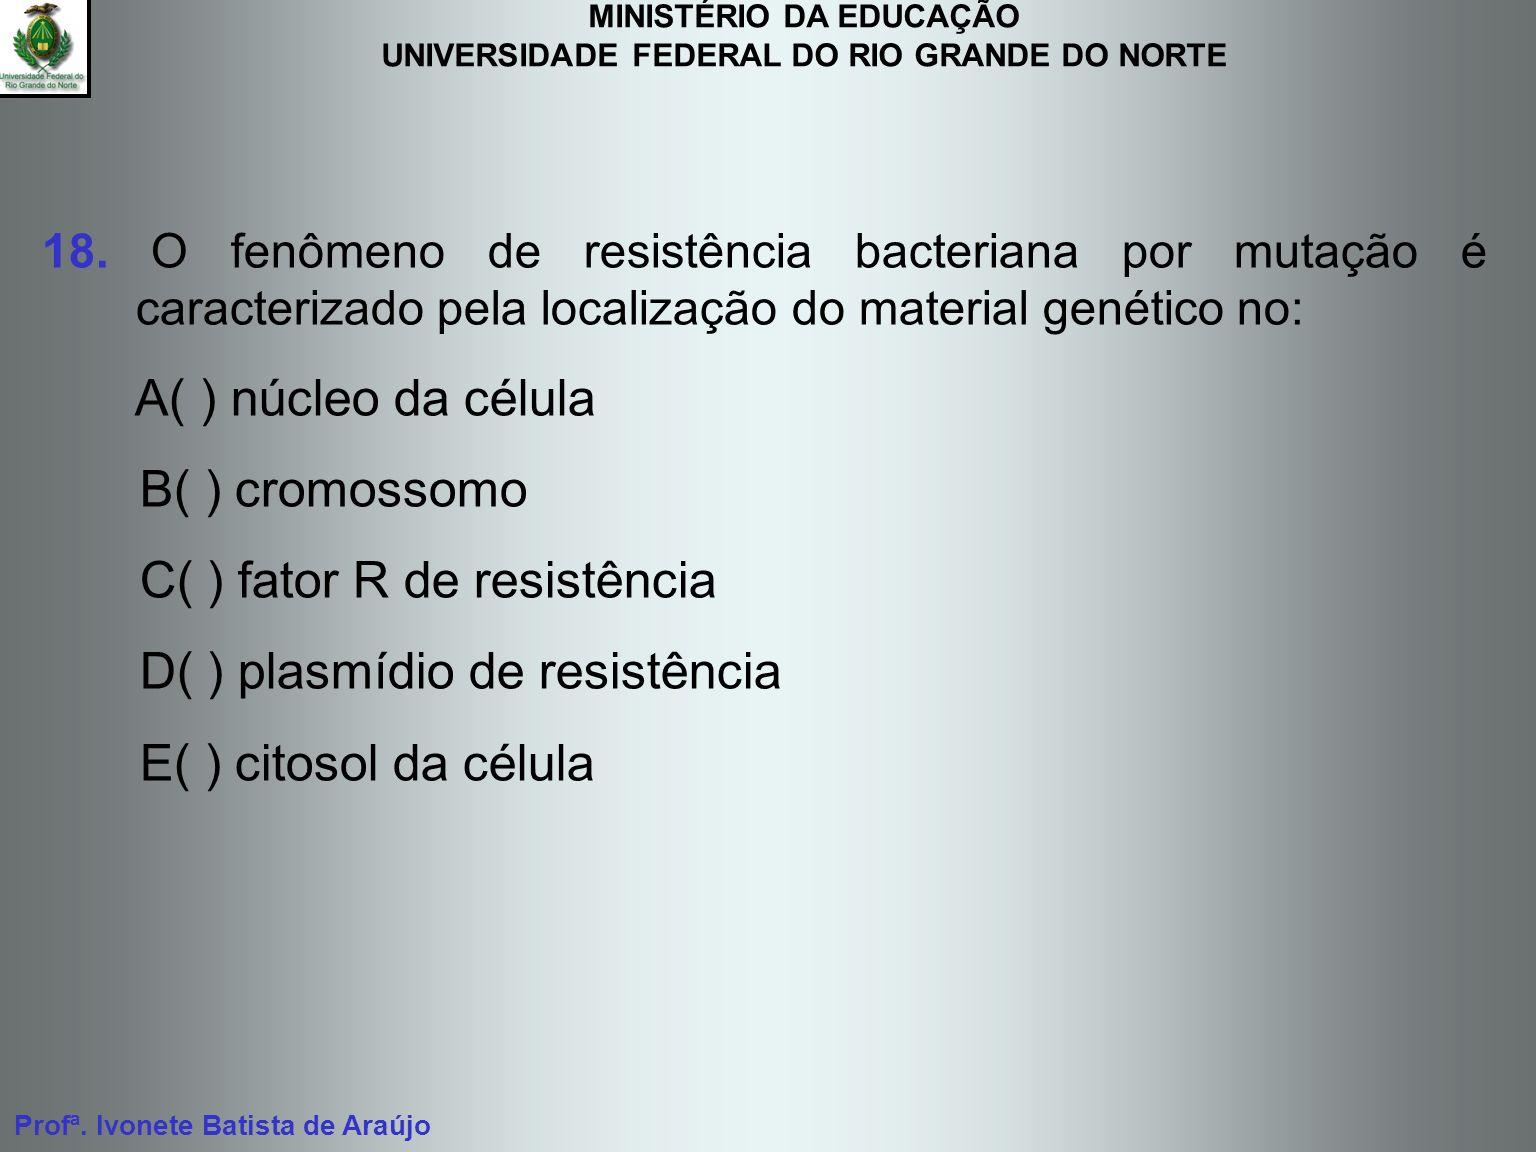 C( ) fator R de resistência D( ) plasmídio de resistência